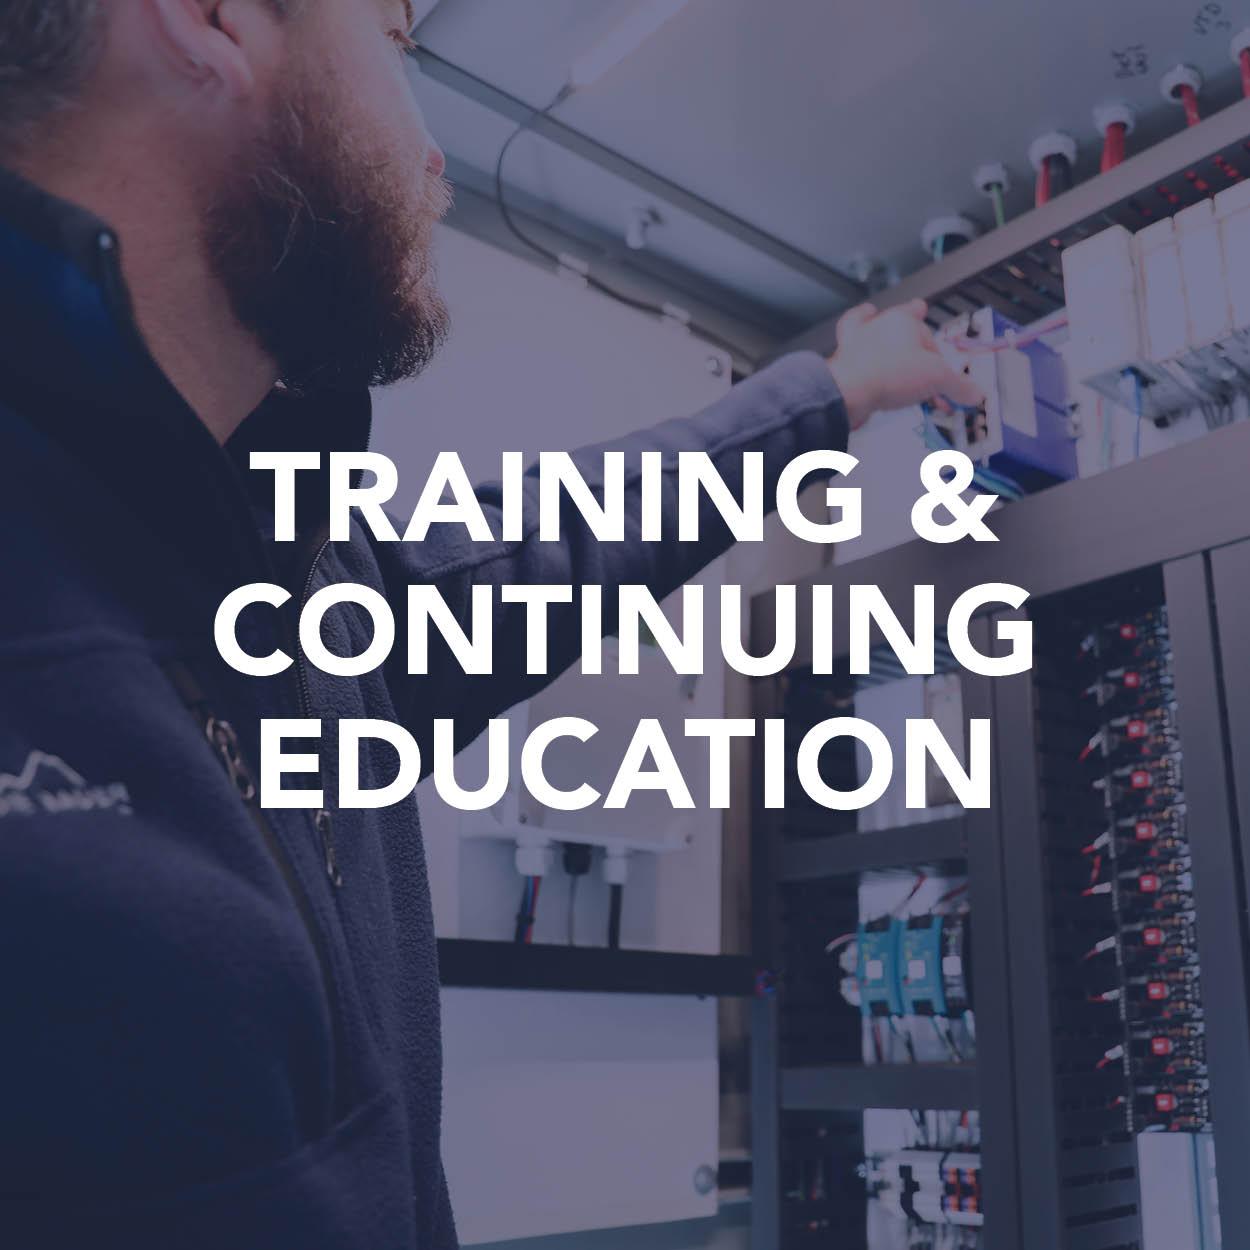 Training & Continuing Ed